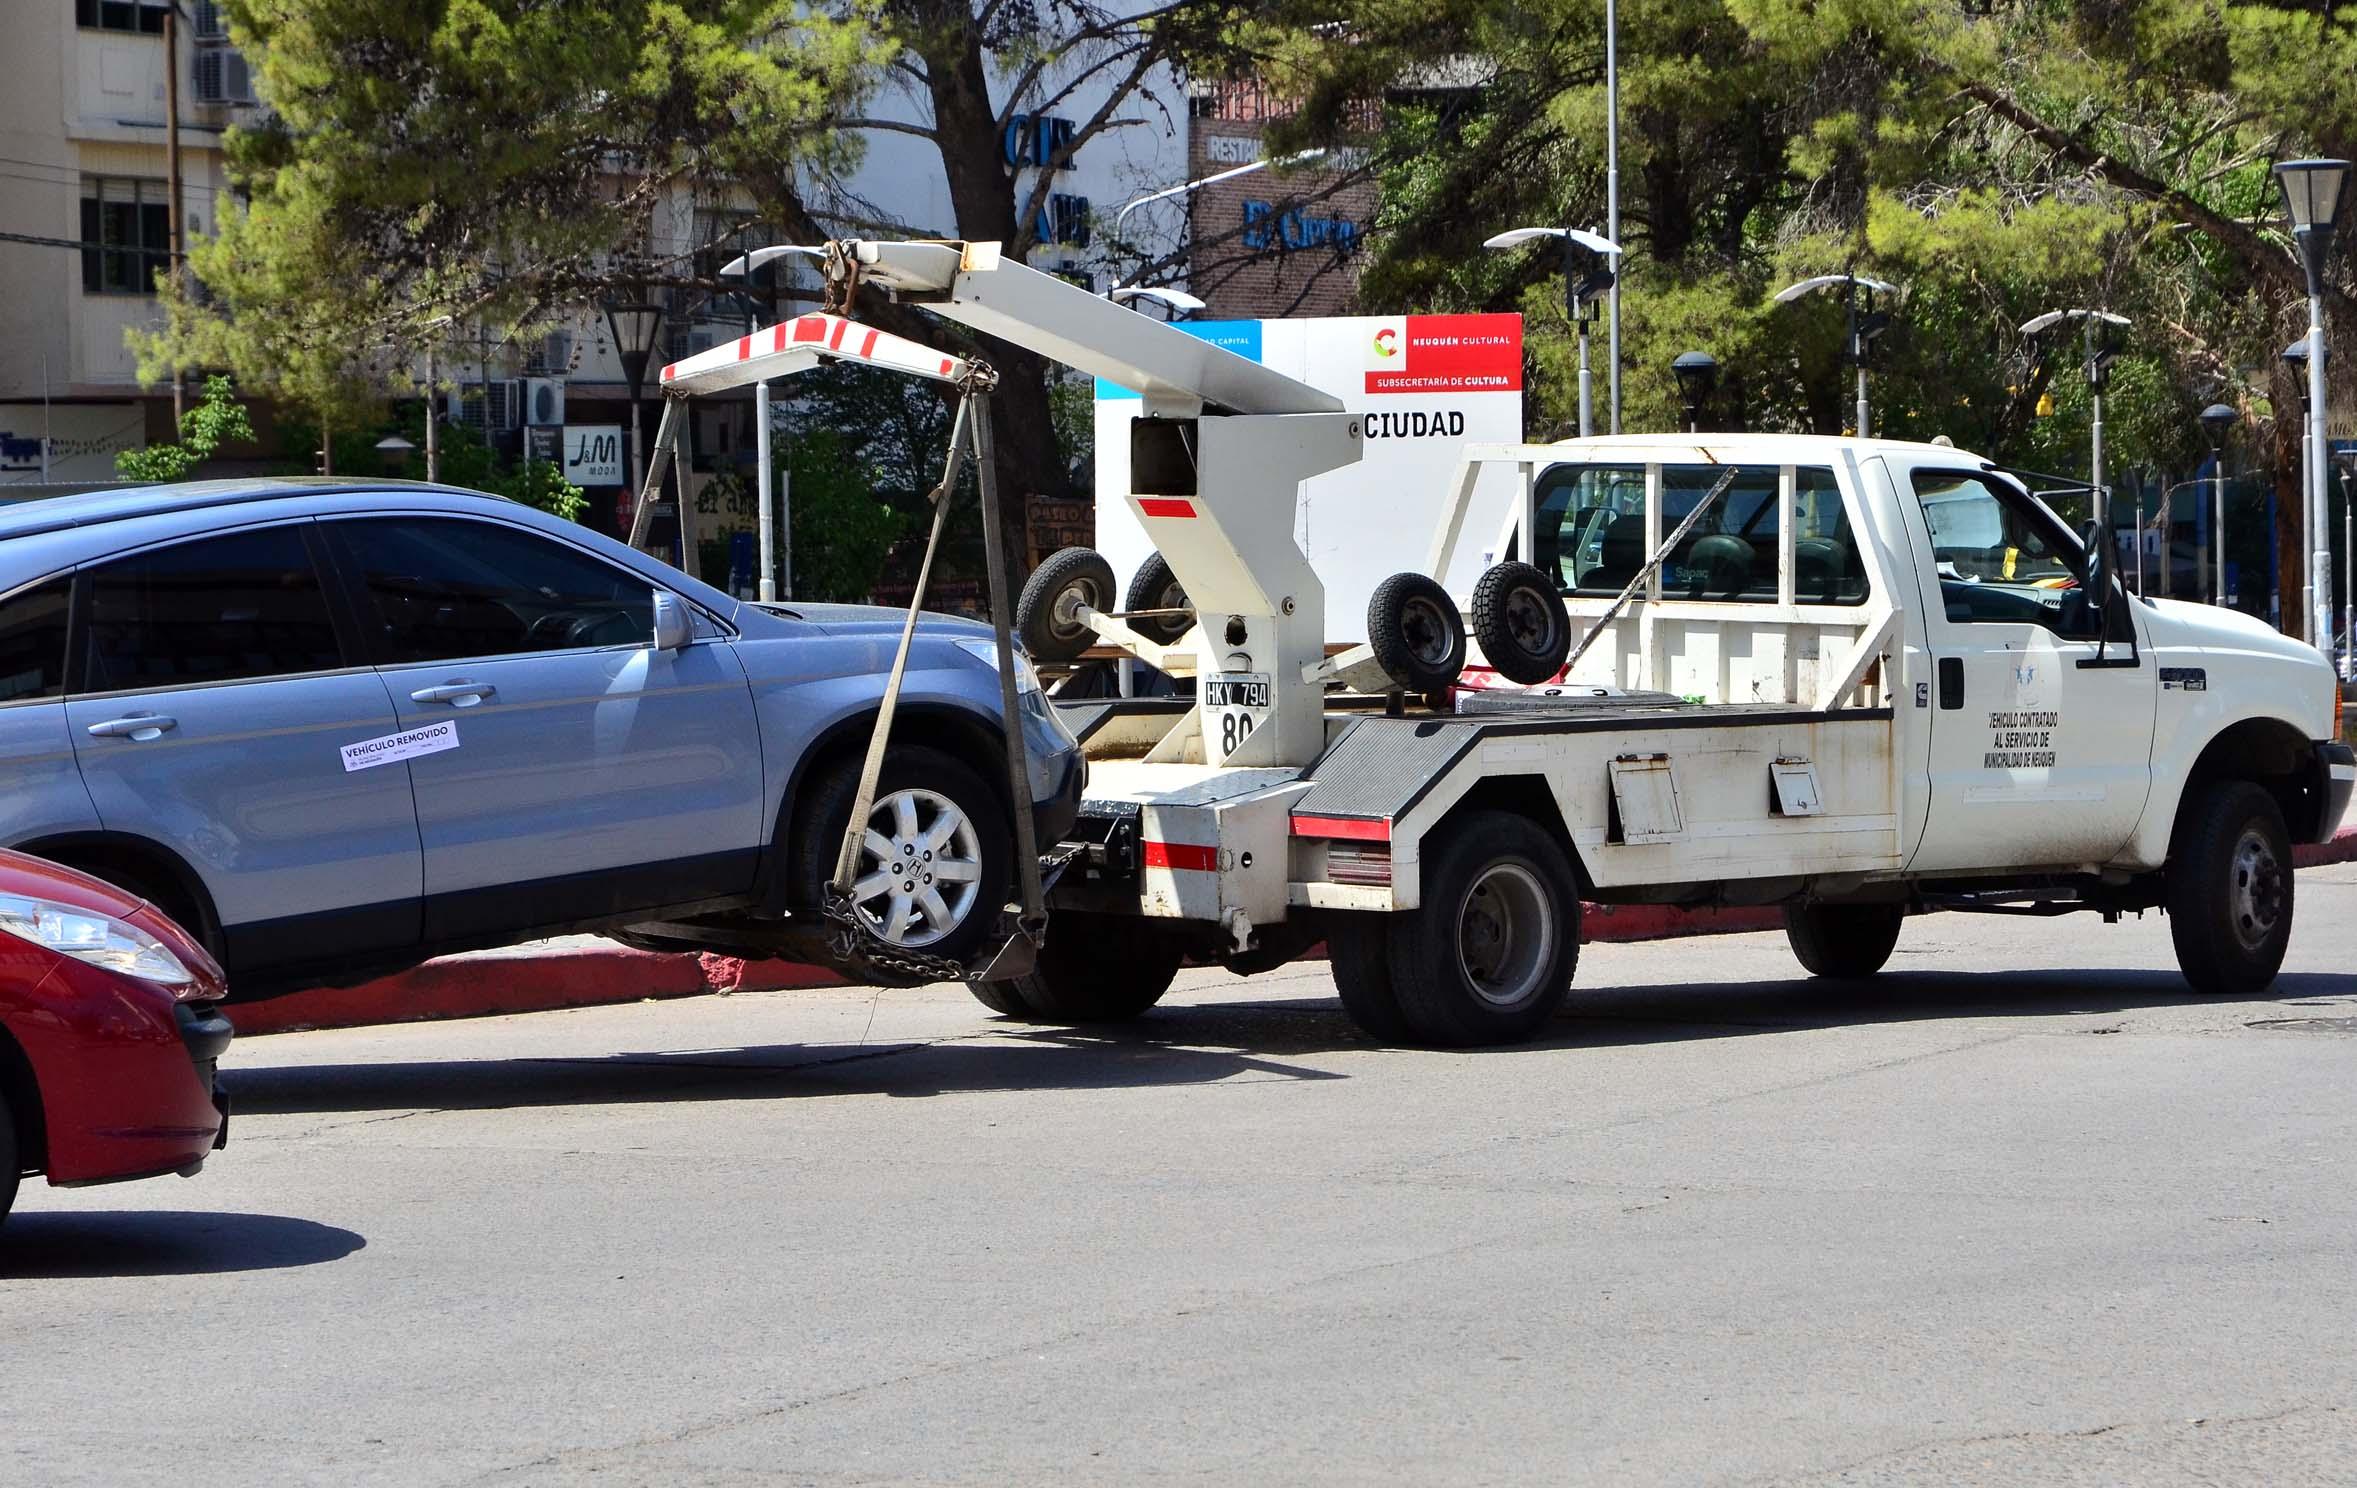 retención del vehículo con una grúa por cometer infracciones de tránsito